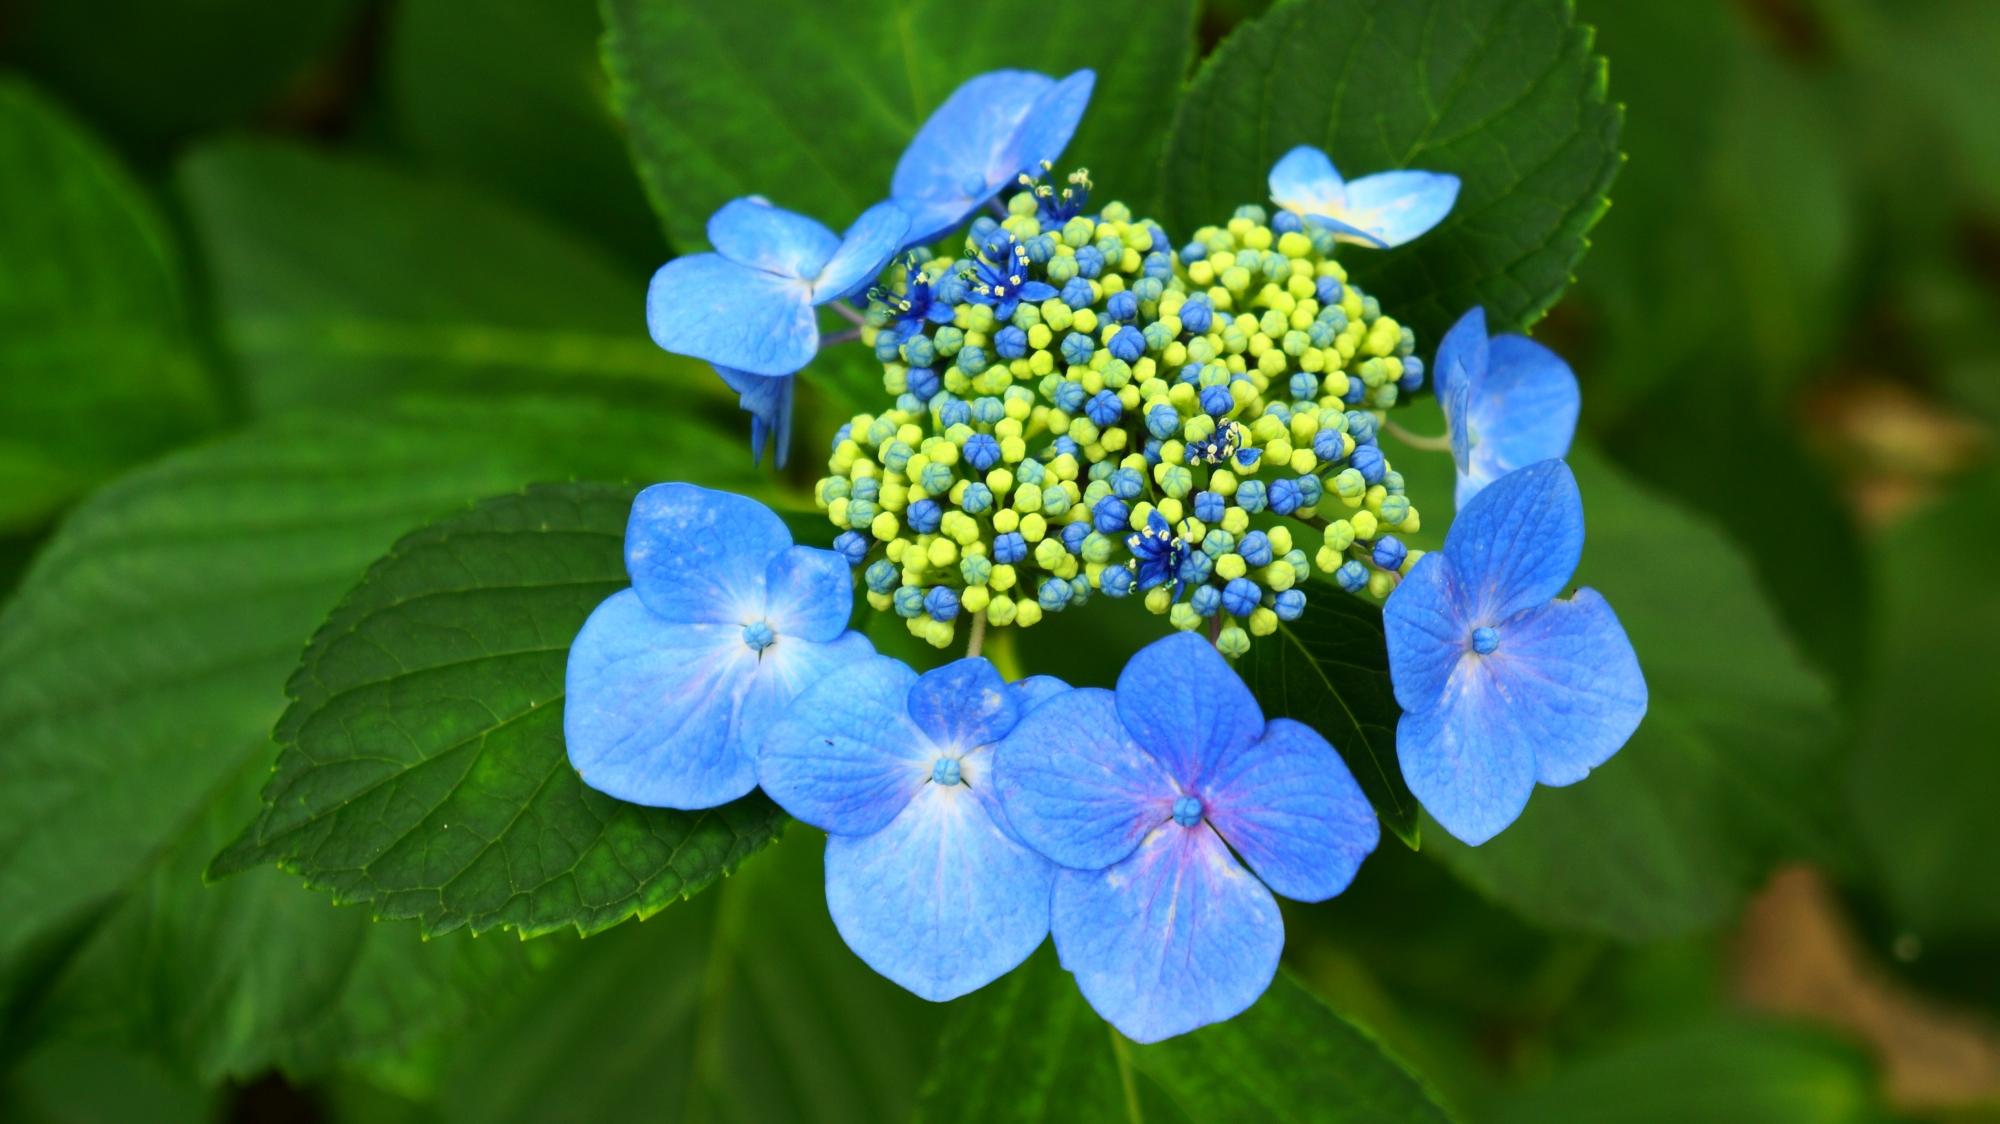 深い緑に映える鮮やかなブルーのガクアジサイ